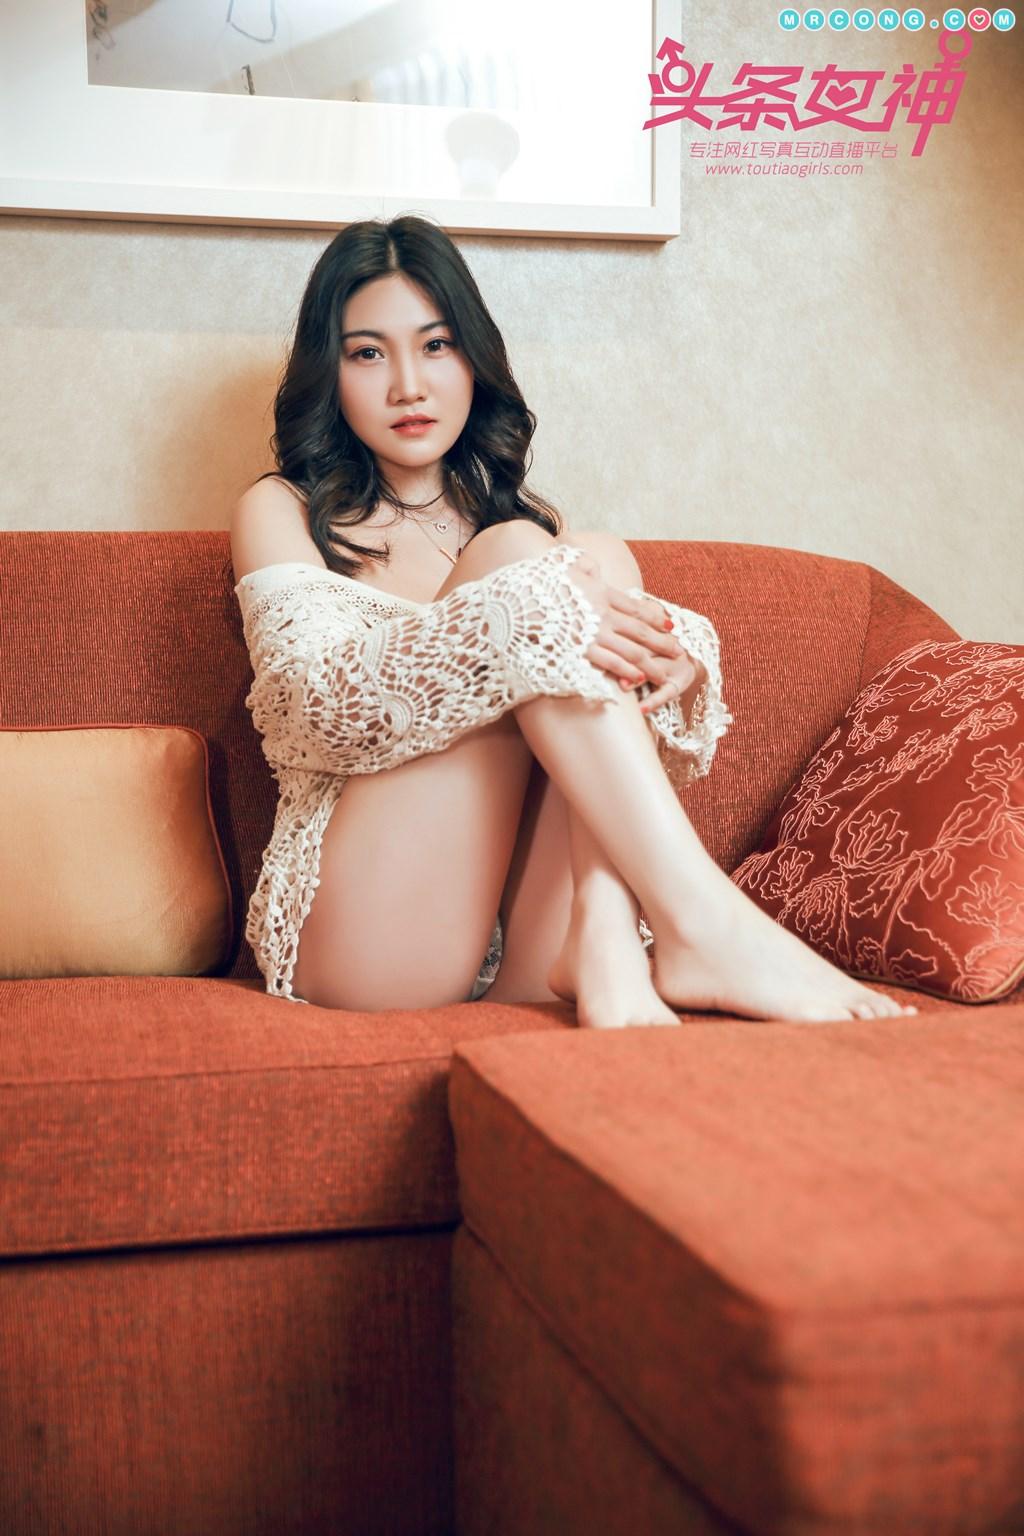 Image TouTiao-2018-04-14-Wan-Jun-MrCong.com-006 in post TouTiao 2018-04-14: Người mẫu Wan Jun (婉君) (26 ảnh)